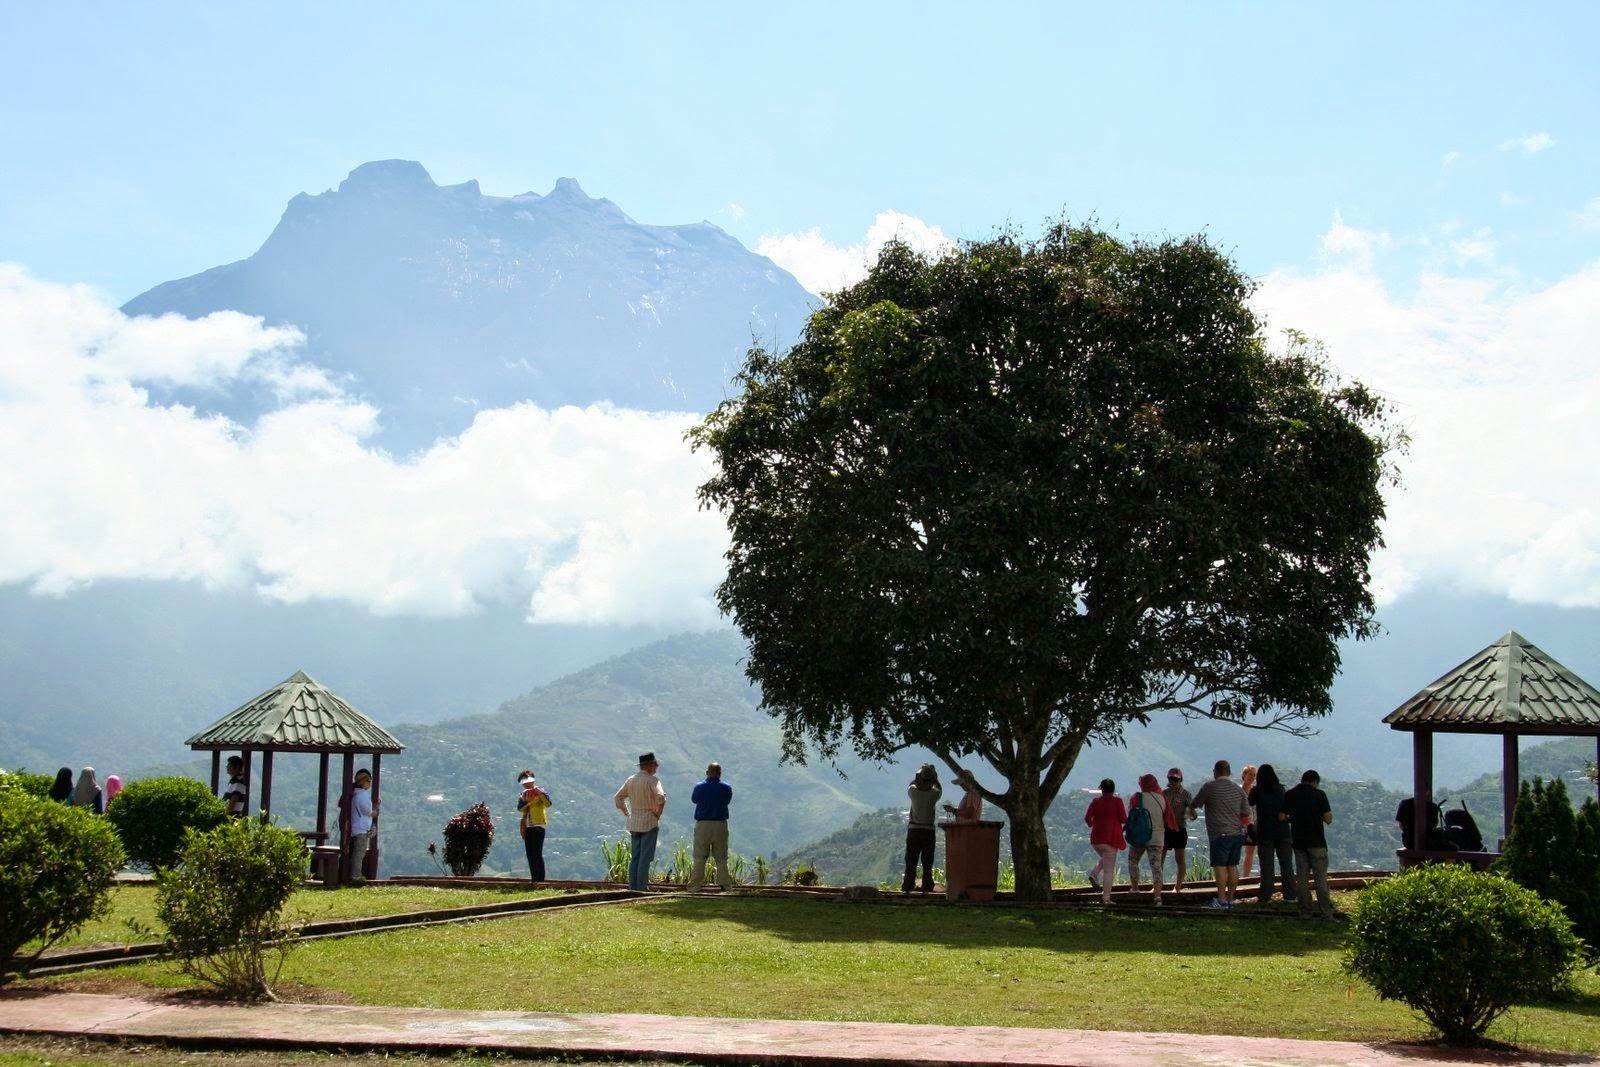 Mt Kinabalu at Pekan Nabalu (Nabalu Town)